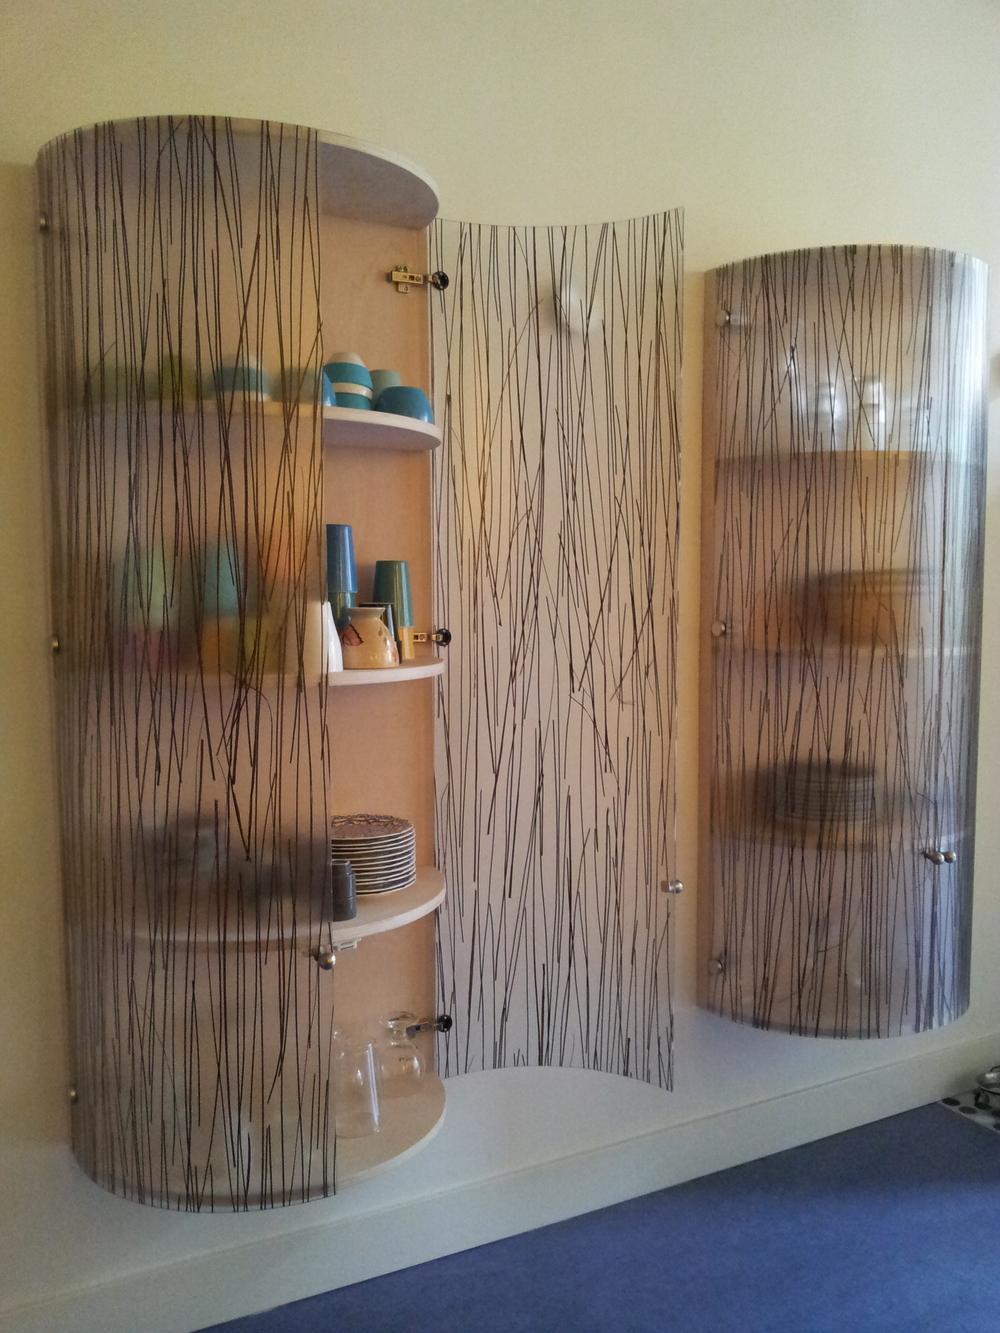 vitrinekastjes met deuren van acrylaat met ingegoten natuurlijk bamboe